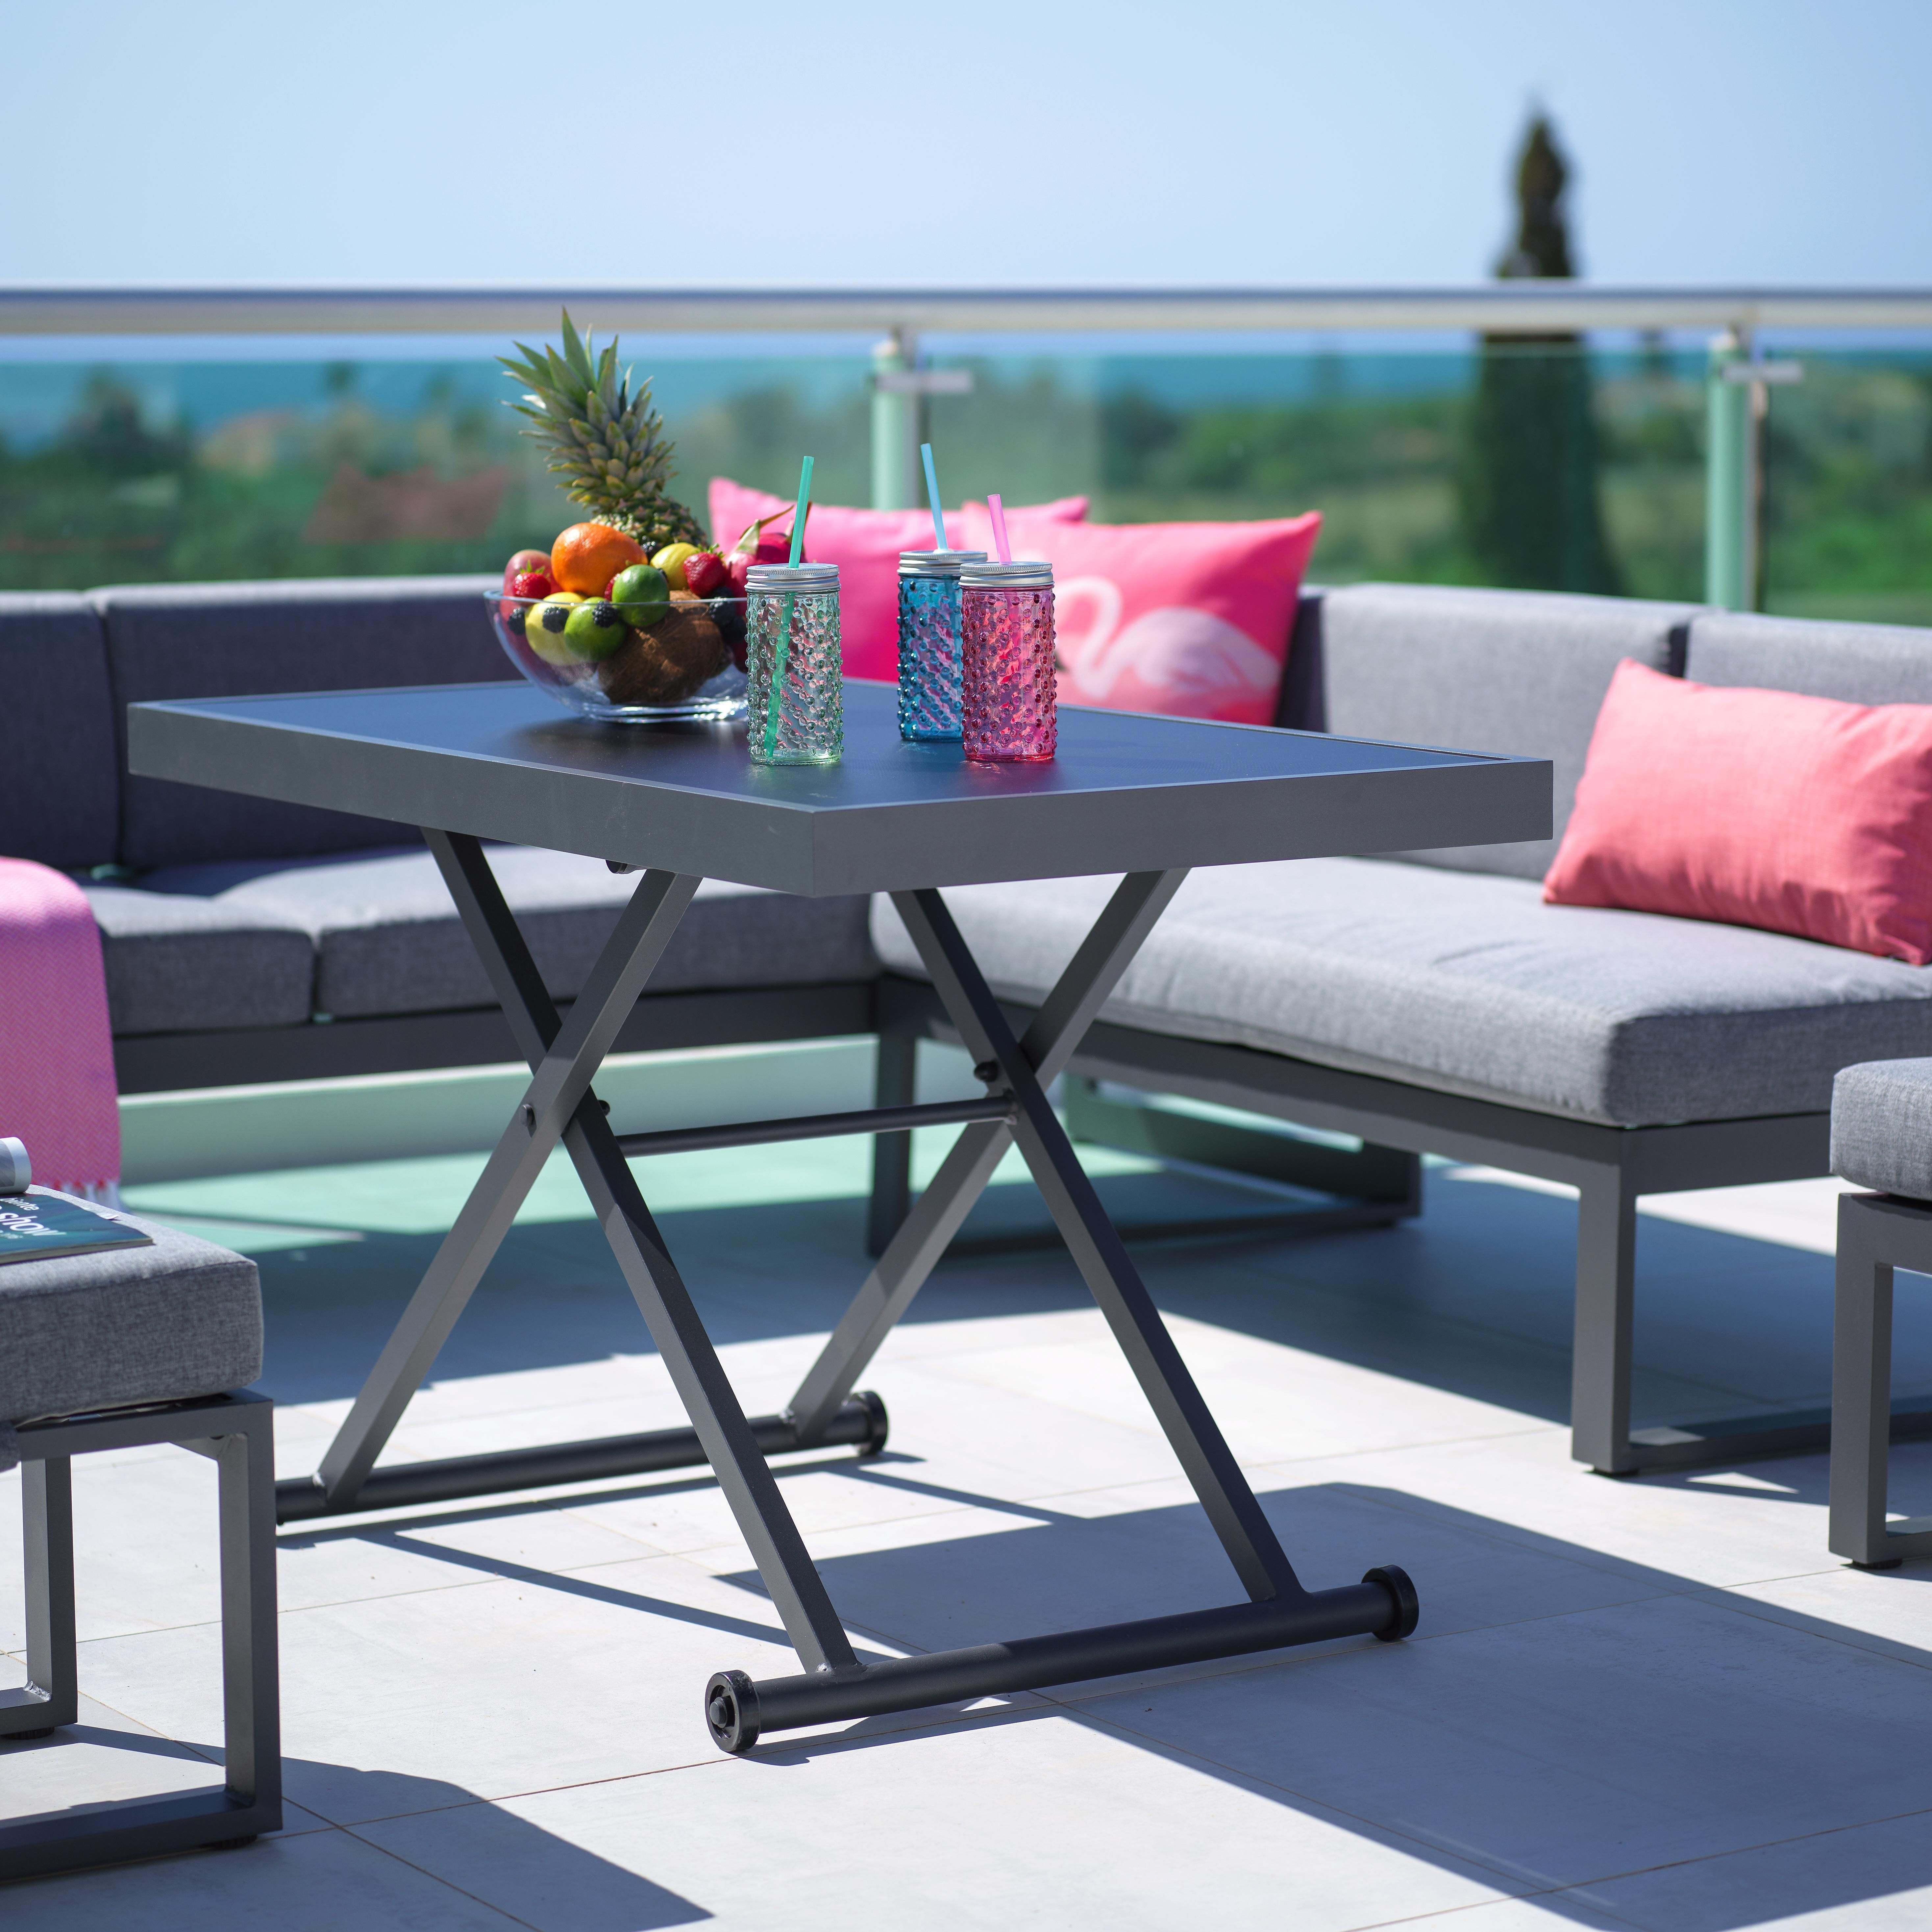 Gartentisch In Anthrazit Praktisch Hohenverstellbar Gartentisch Tisch Selber Bauen Lounge Tisch